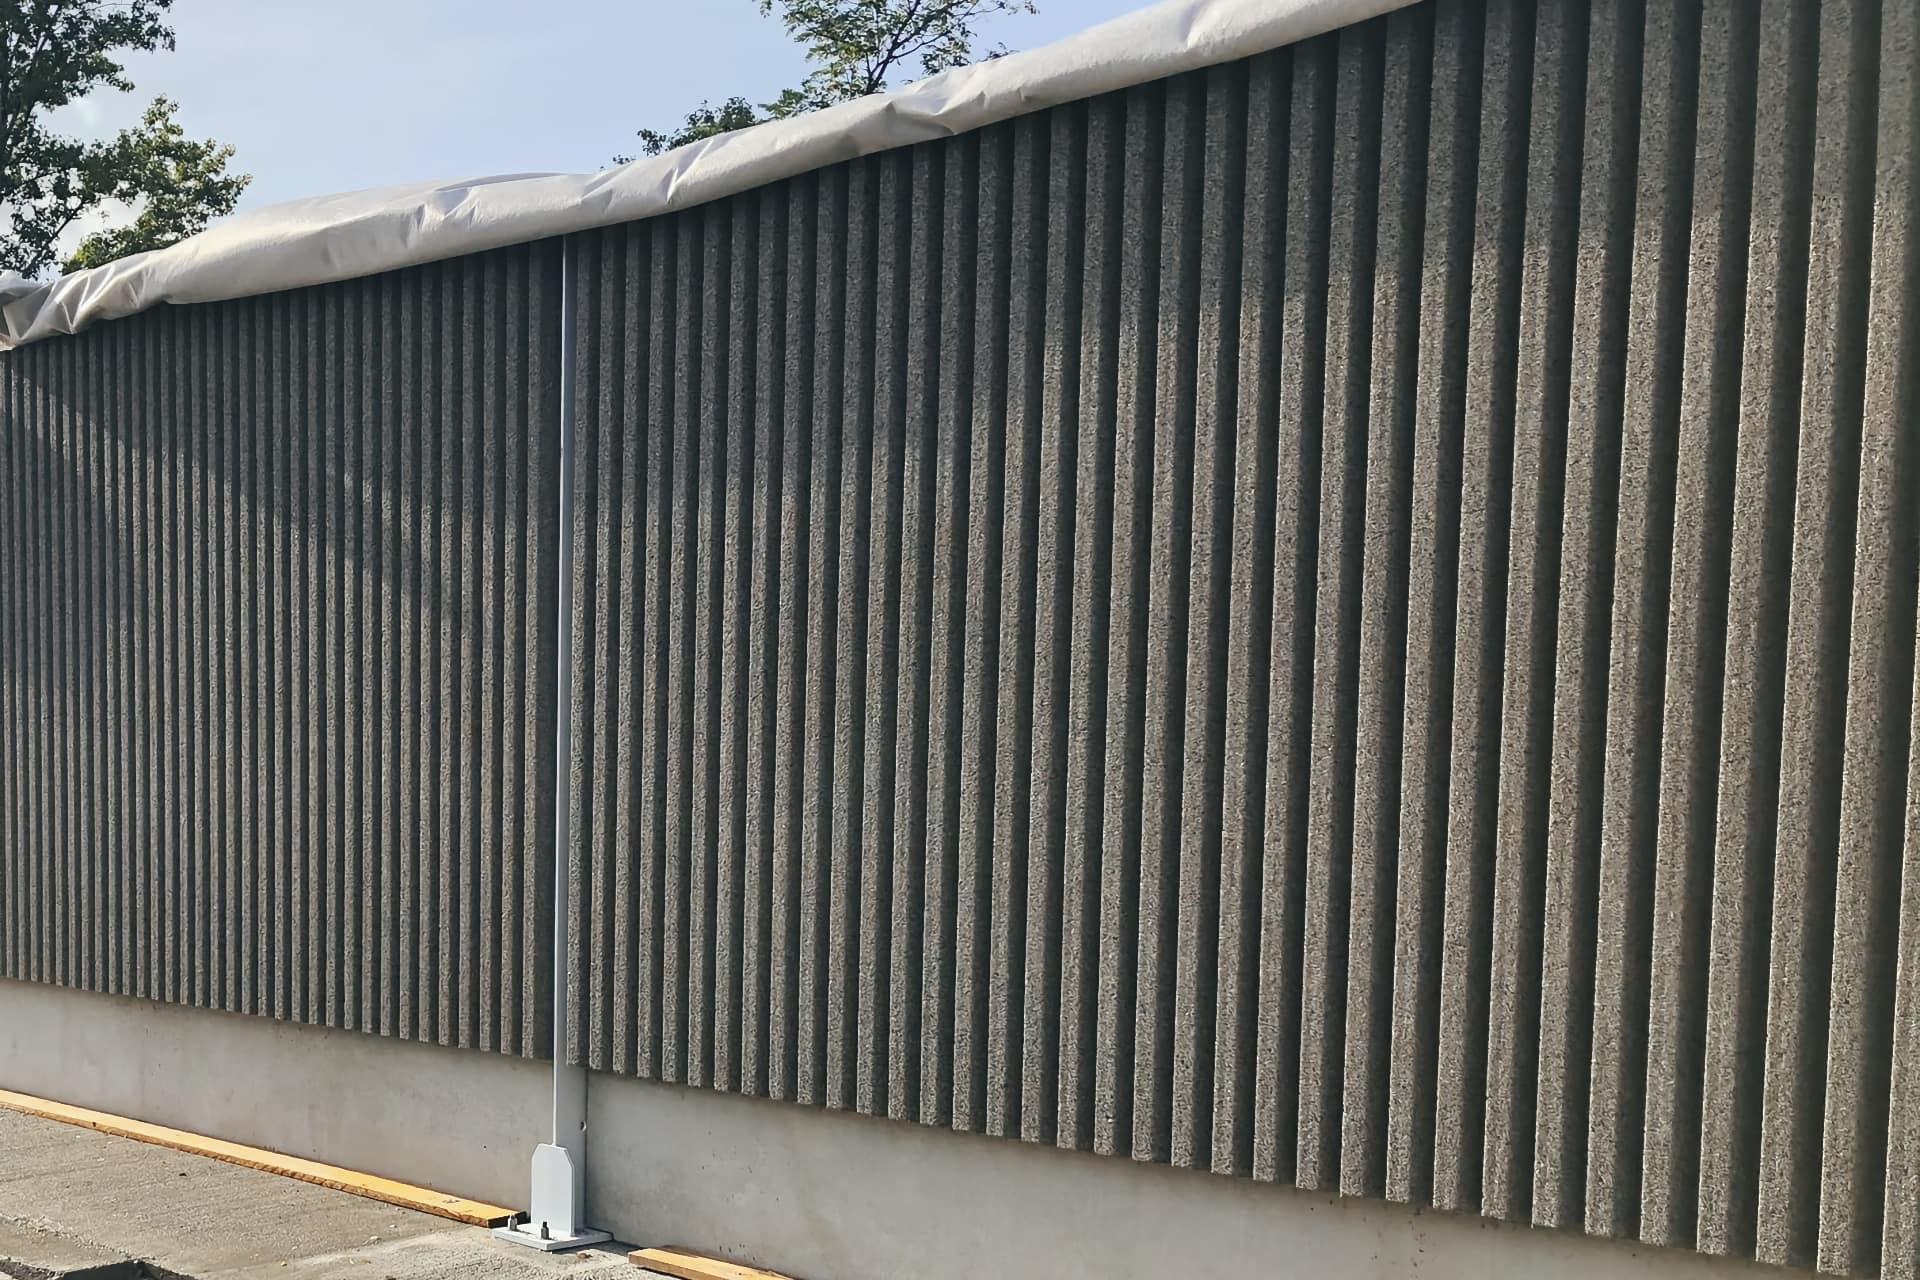 exemple de mur acoustique béton-bois sur l'A480